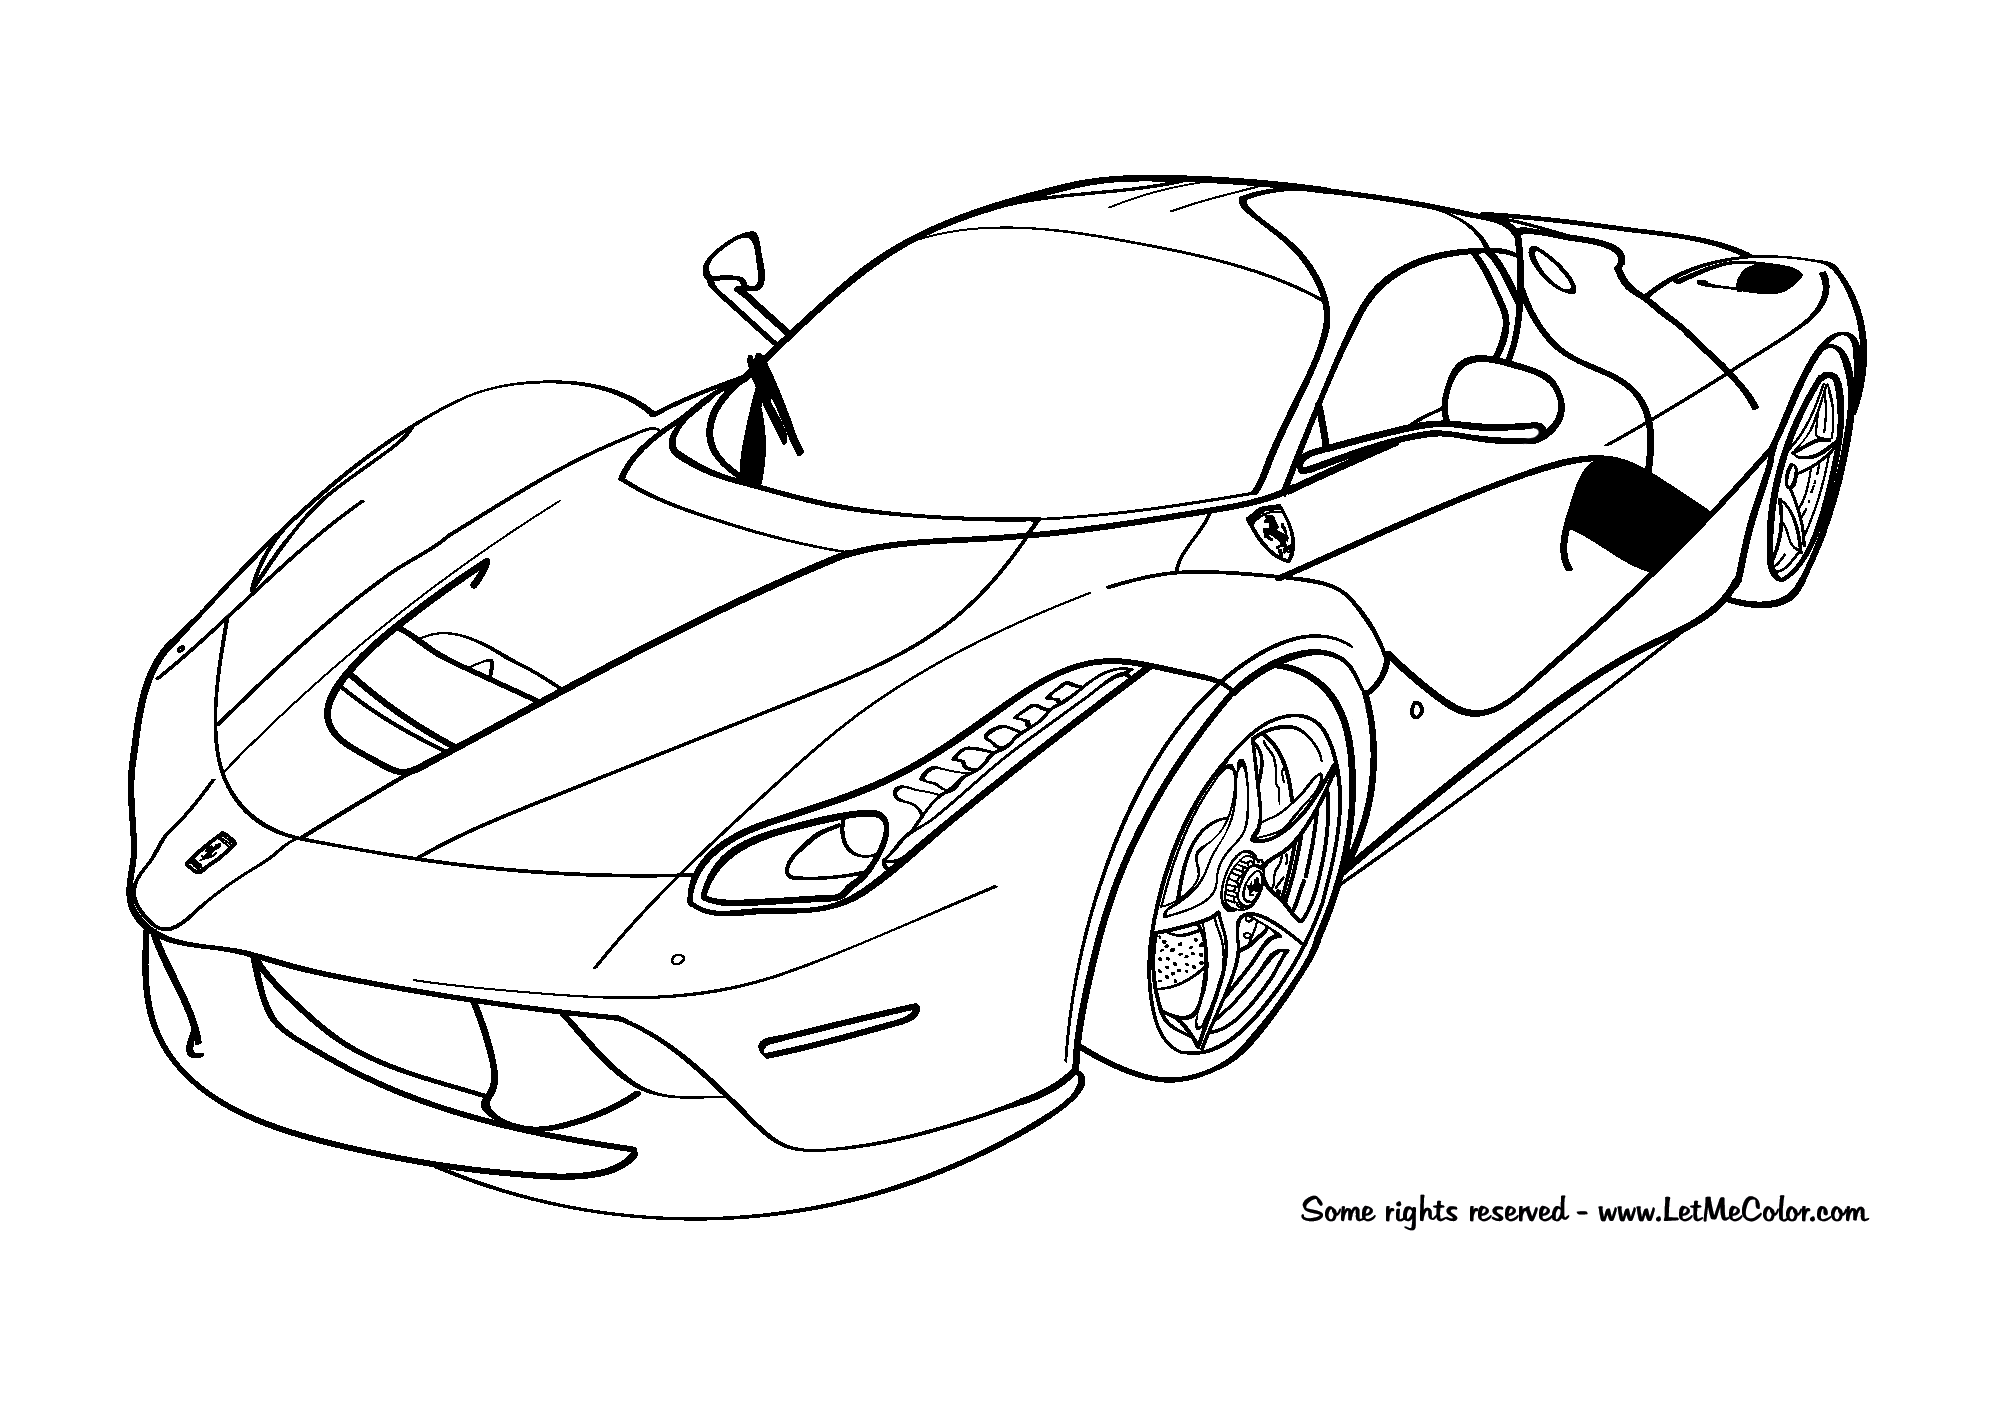 Cars Coloring Page Ferrari Laferrari Cars Coloring Pages Car Colors Race Car Coloring